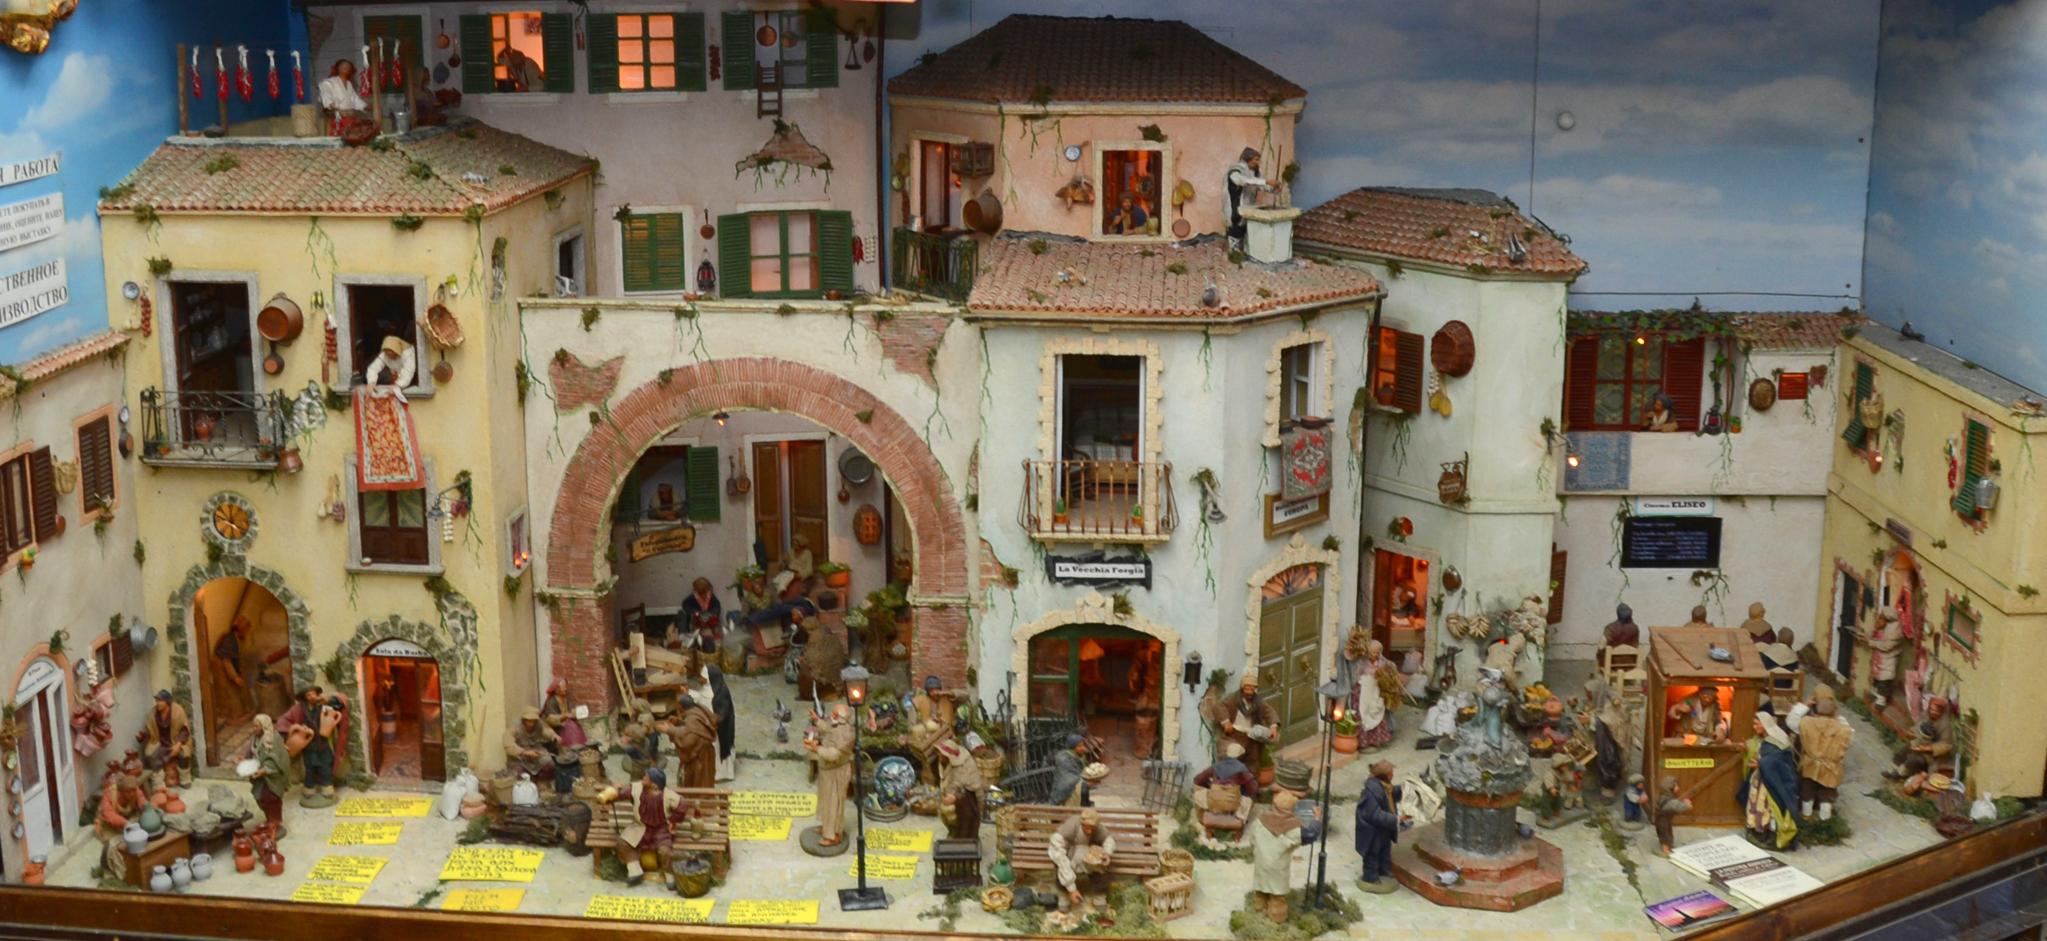 Molto Il Faro Presepi!, Presepi artigianali, presepi in movimento e  NO56